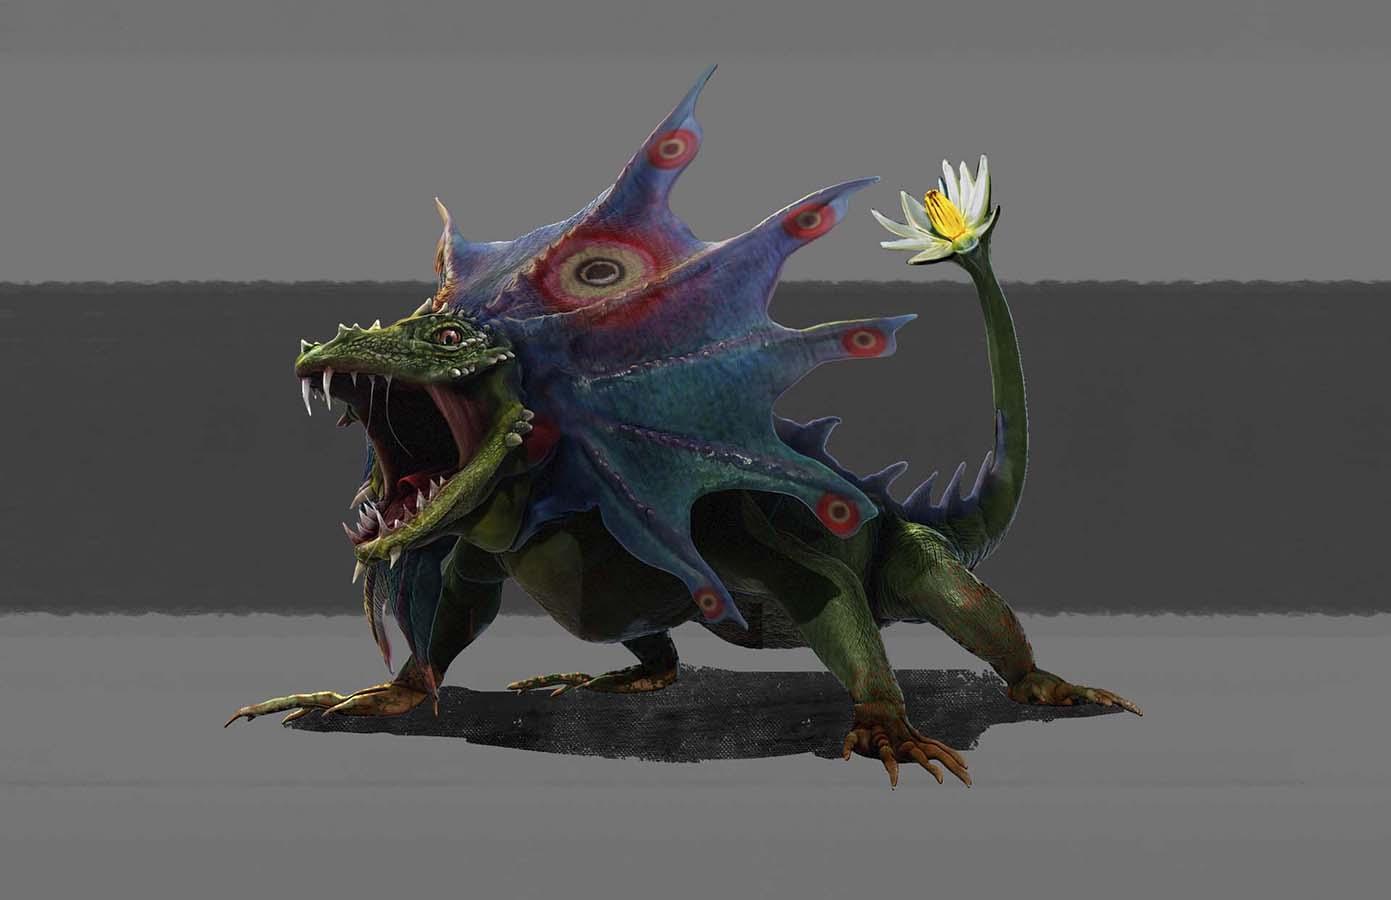 Lizard1 | Концепт-художник. Разные стили. 2D (в основном) + 3D (изредка)